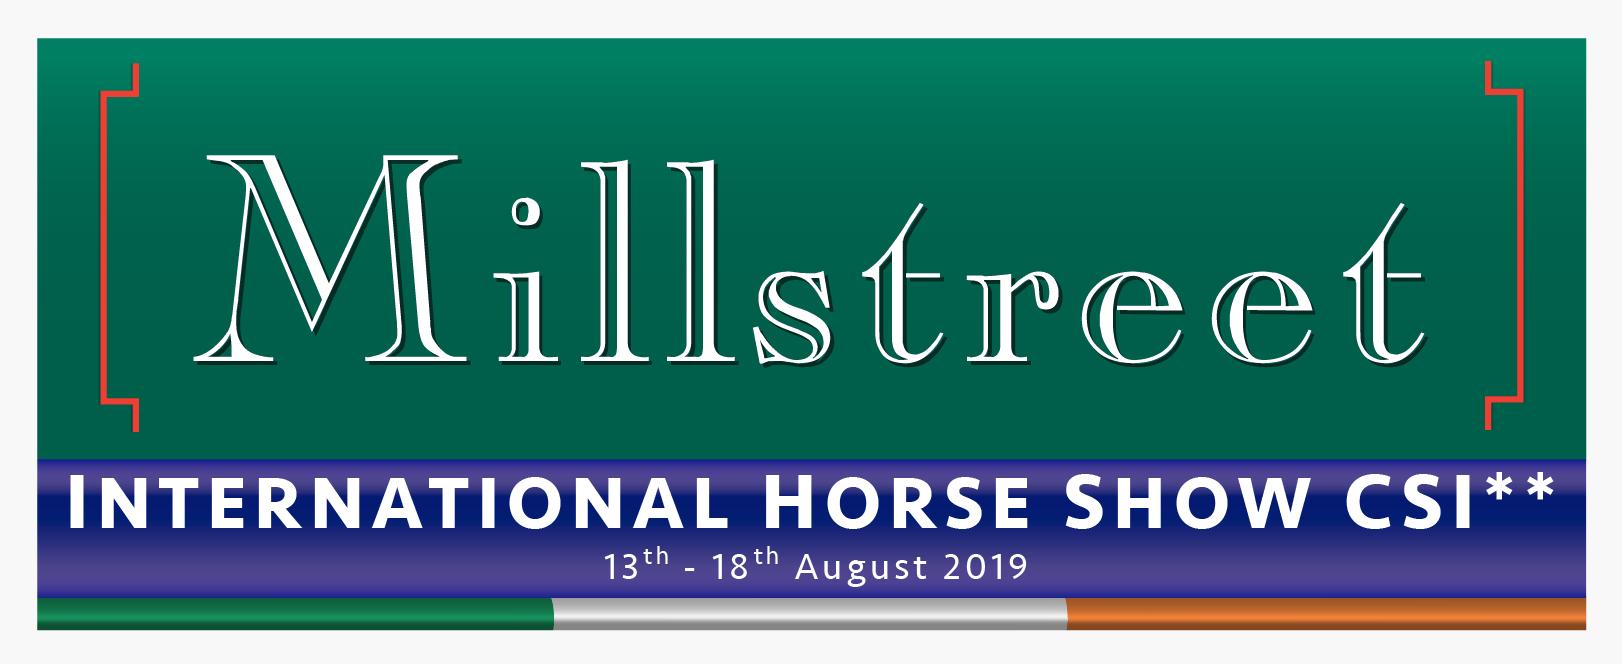 Millstreet Horse Show 2019